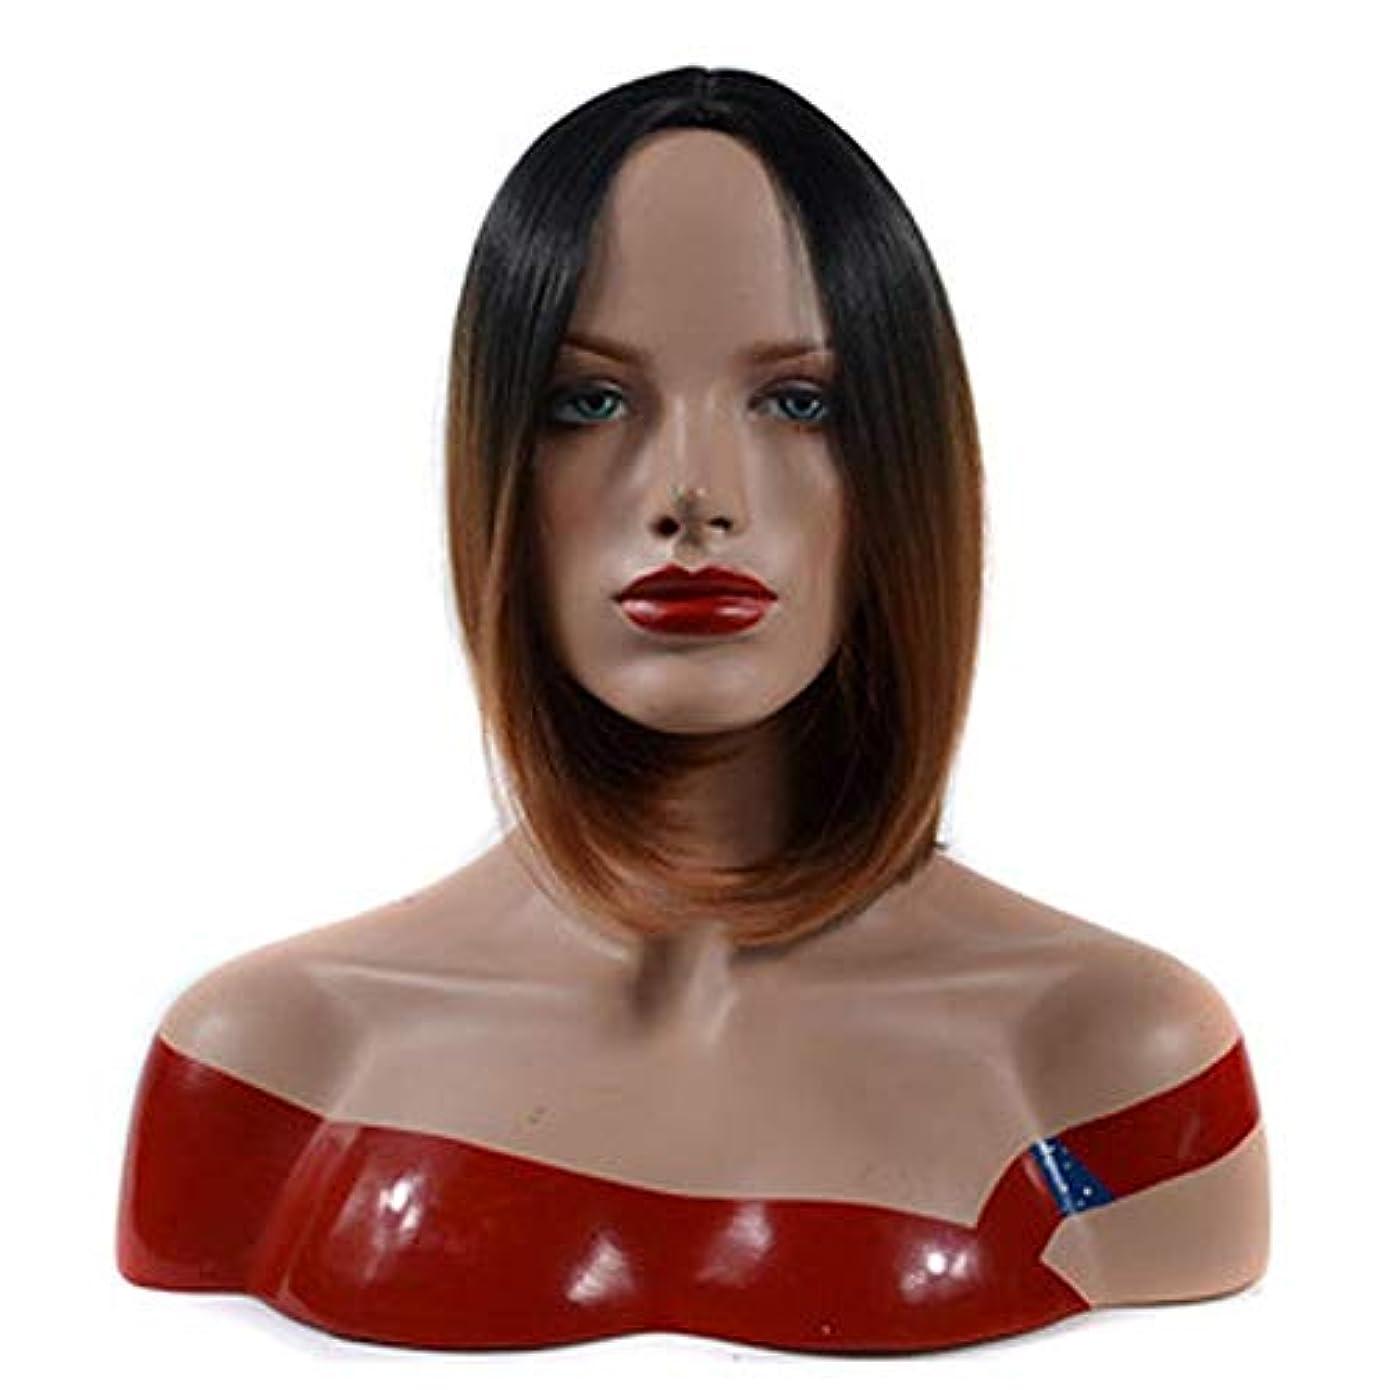 フットボール発明糞WASAIO スタイル交換用ショートヘアボブウィッグ女性コスプレパーティードレス用黒髪ルートライトブラウンアクセサリー (色 : 淡い茶色, サイズ : 30cm)